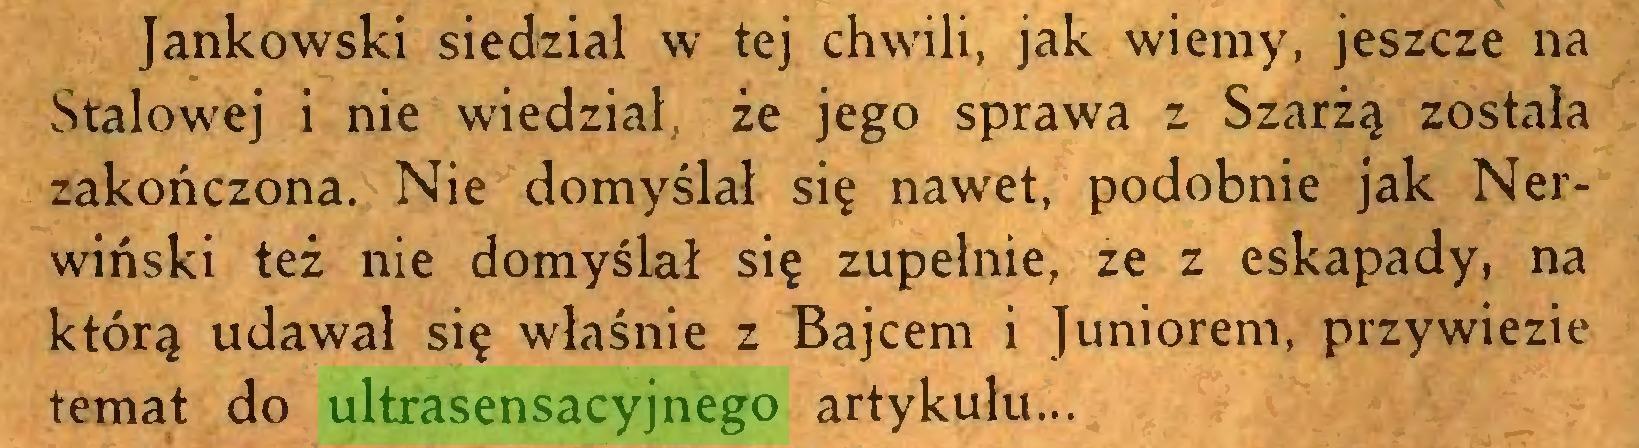 (...) Jankowski siedział w tej chwili, jak wiemy, jeszcze na Stalowej i nie wiedział, że jego sprawa z Szarżą została zakończona. Nie domyślał się nawet, podobnie jak Nerwiński też nie domyślał się zupełnie, ze z eskapady, na którą udawał się właśnie z Bajcem i Juniorem, przywiezie temat do ultrasensacyjnego artykułu...